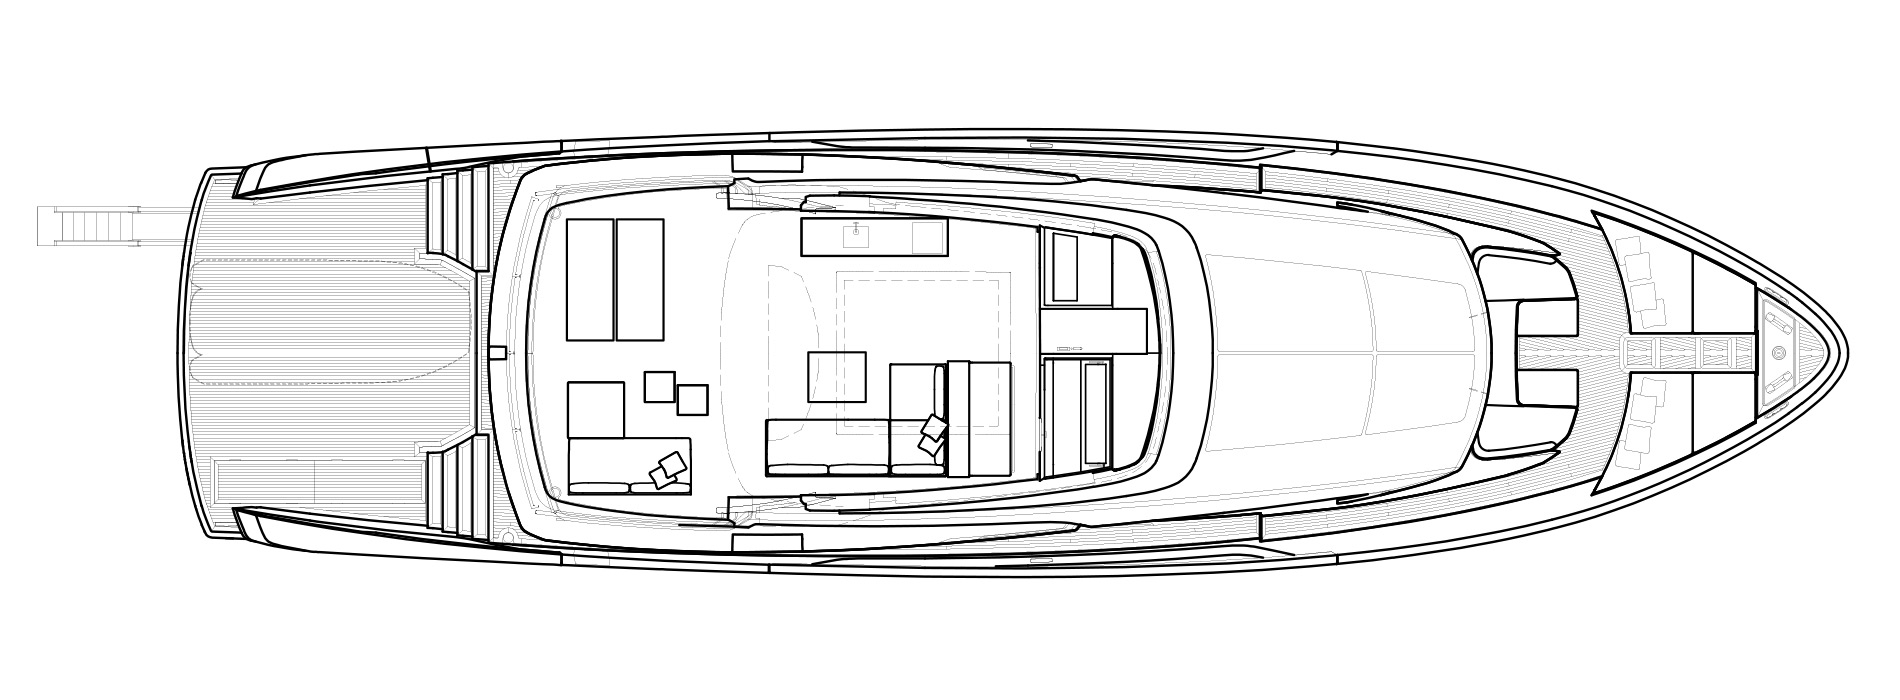 Sanlorenzo Yachts SX88 Flying bridge Version A